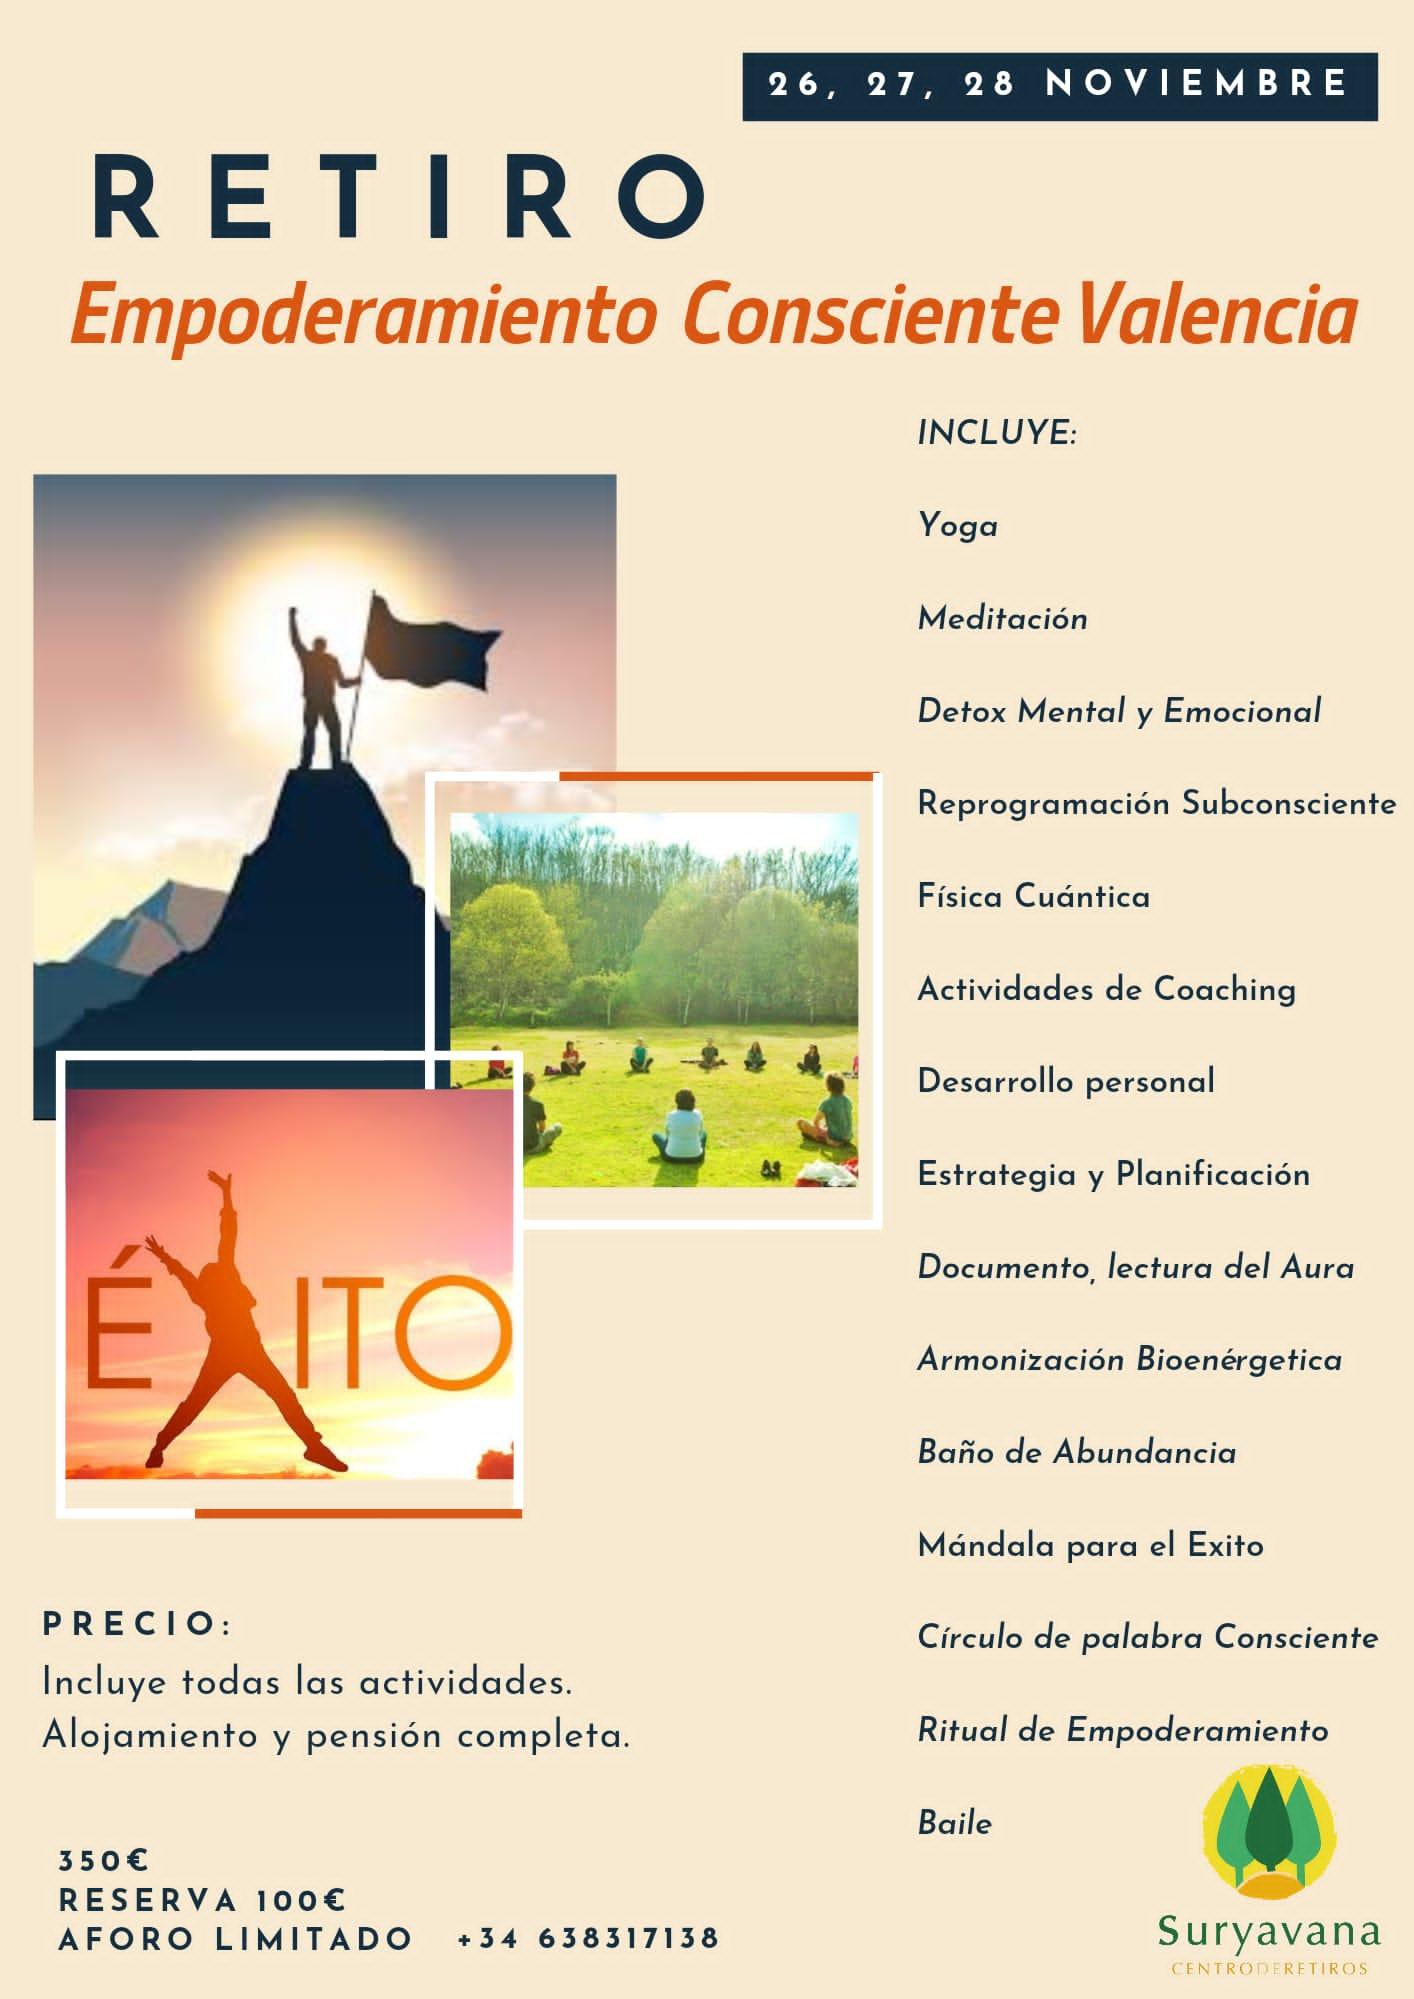 Retiro Empoderamiento Consciente Valencia